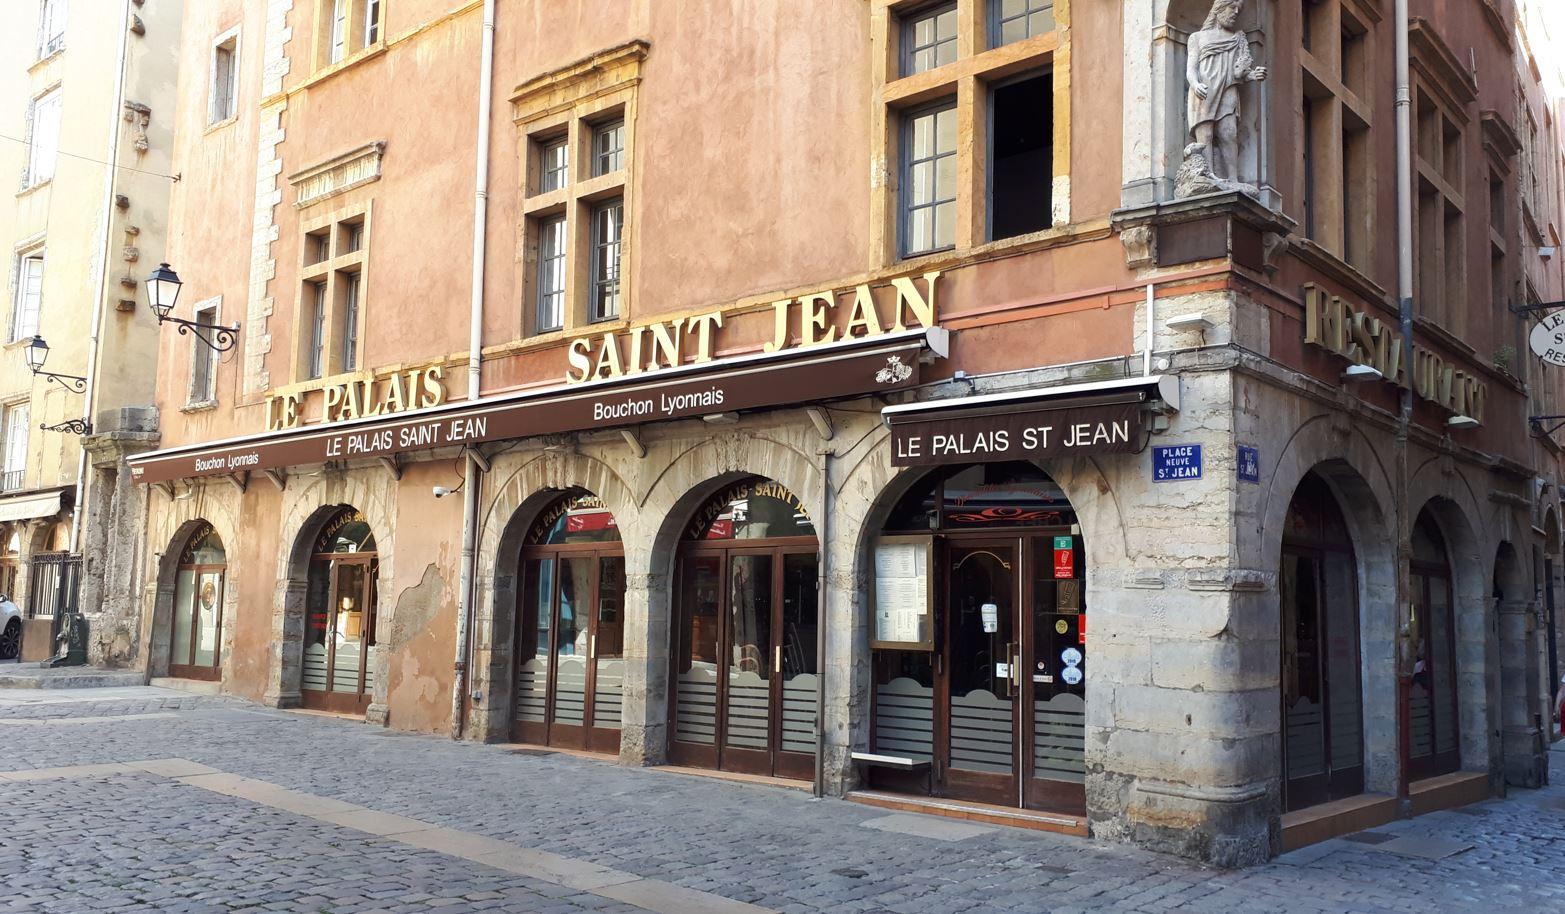 Un restaurant lyonnais dans le vieux-Lyon - Quartier très touristique